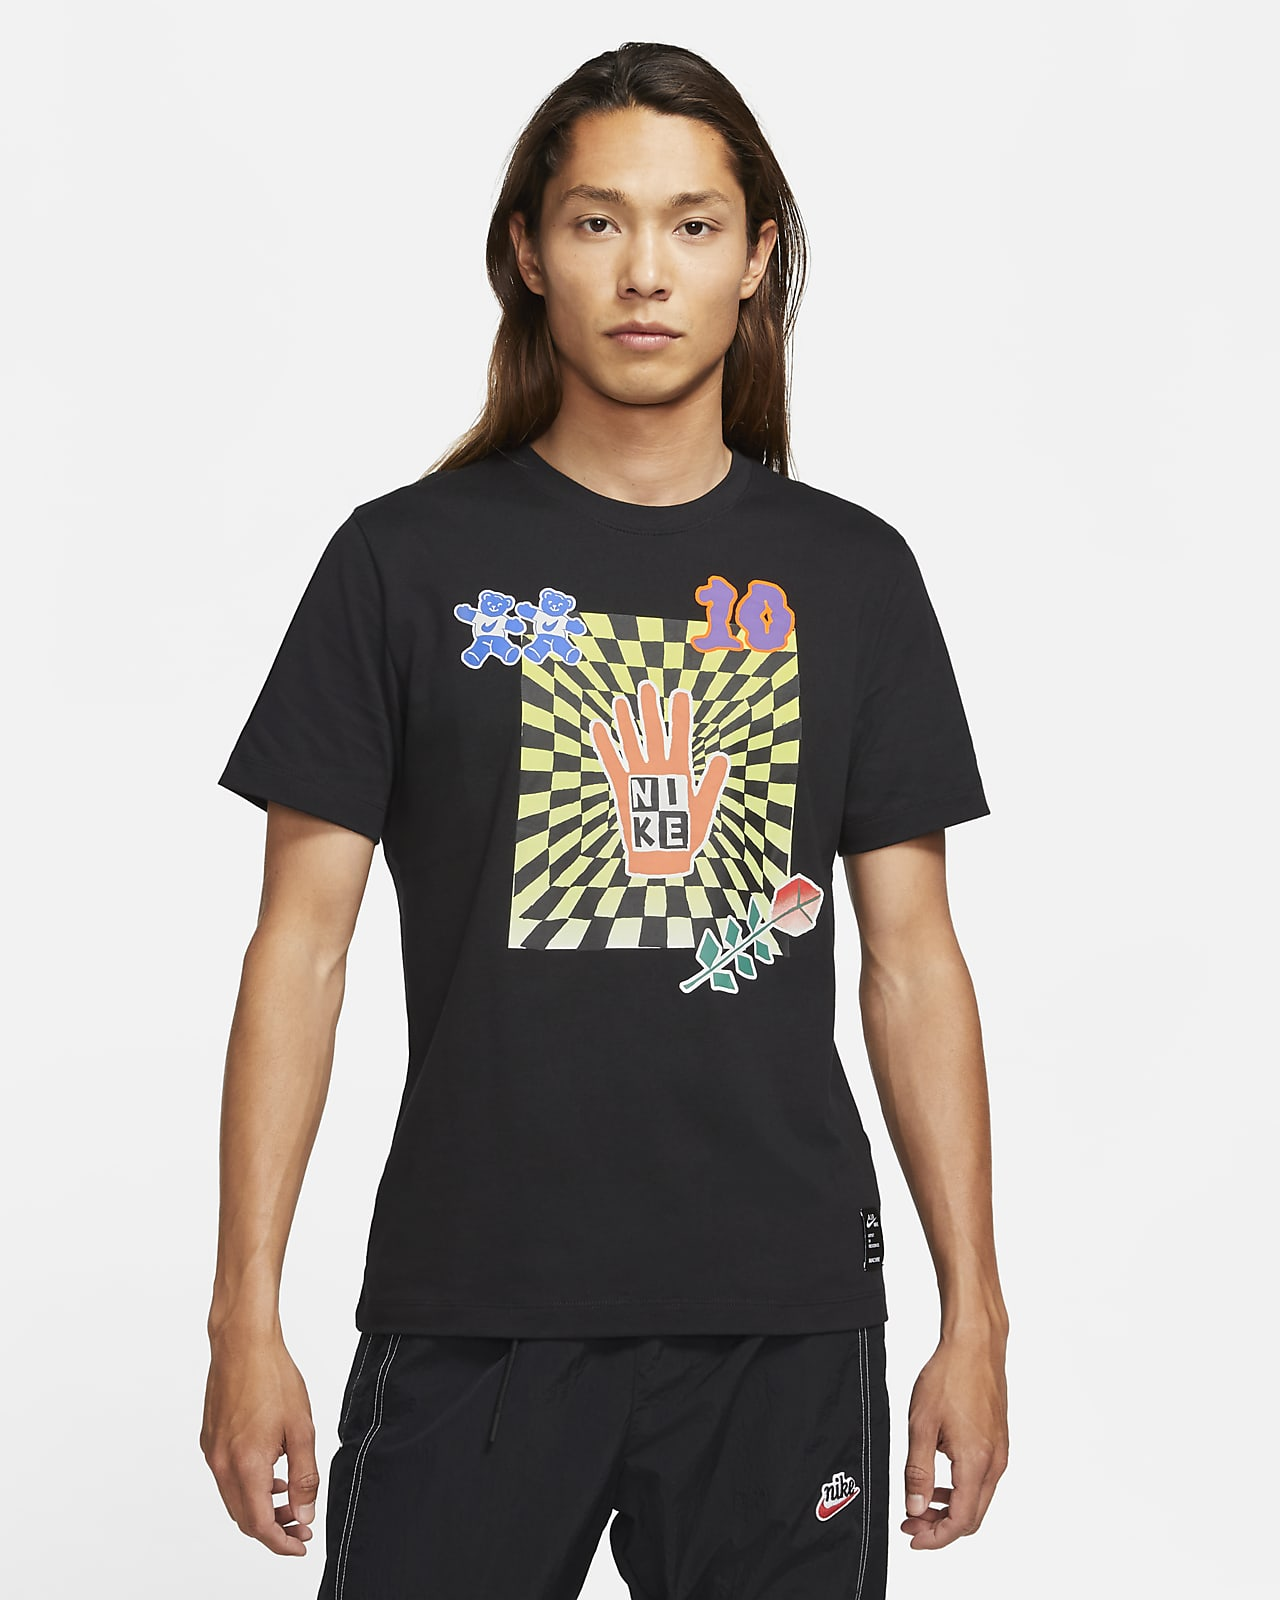 Nike Sportswear A.I.R.Machine 男款 T 恤